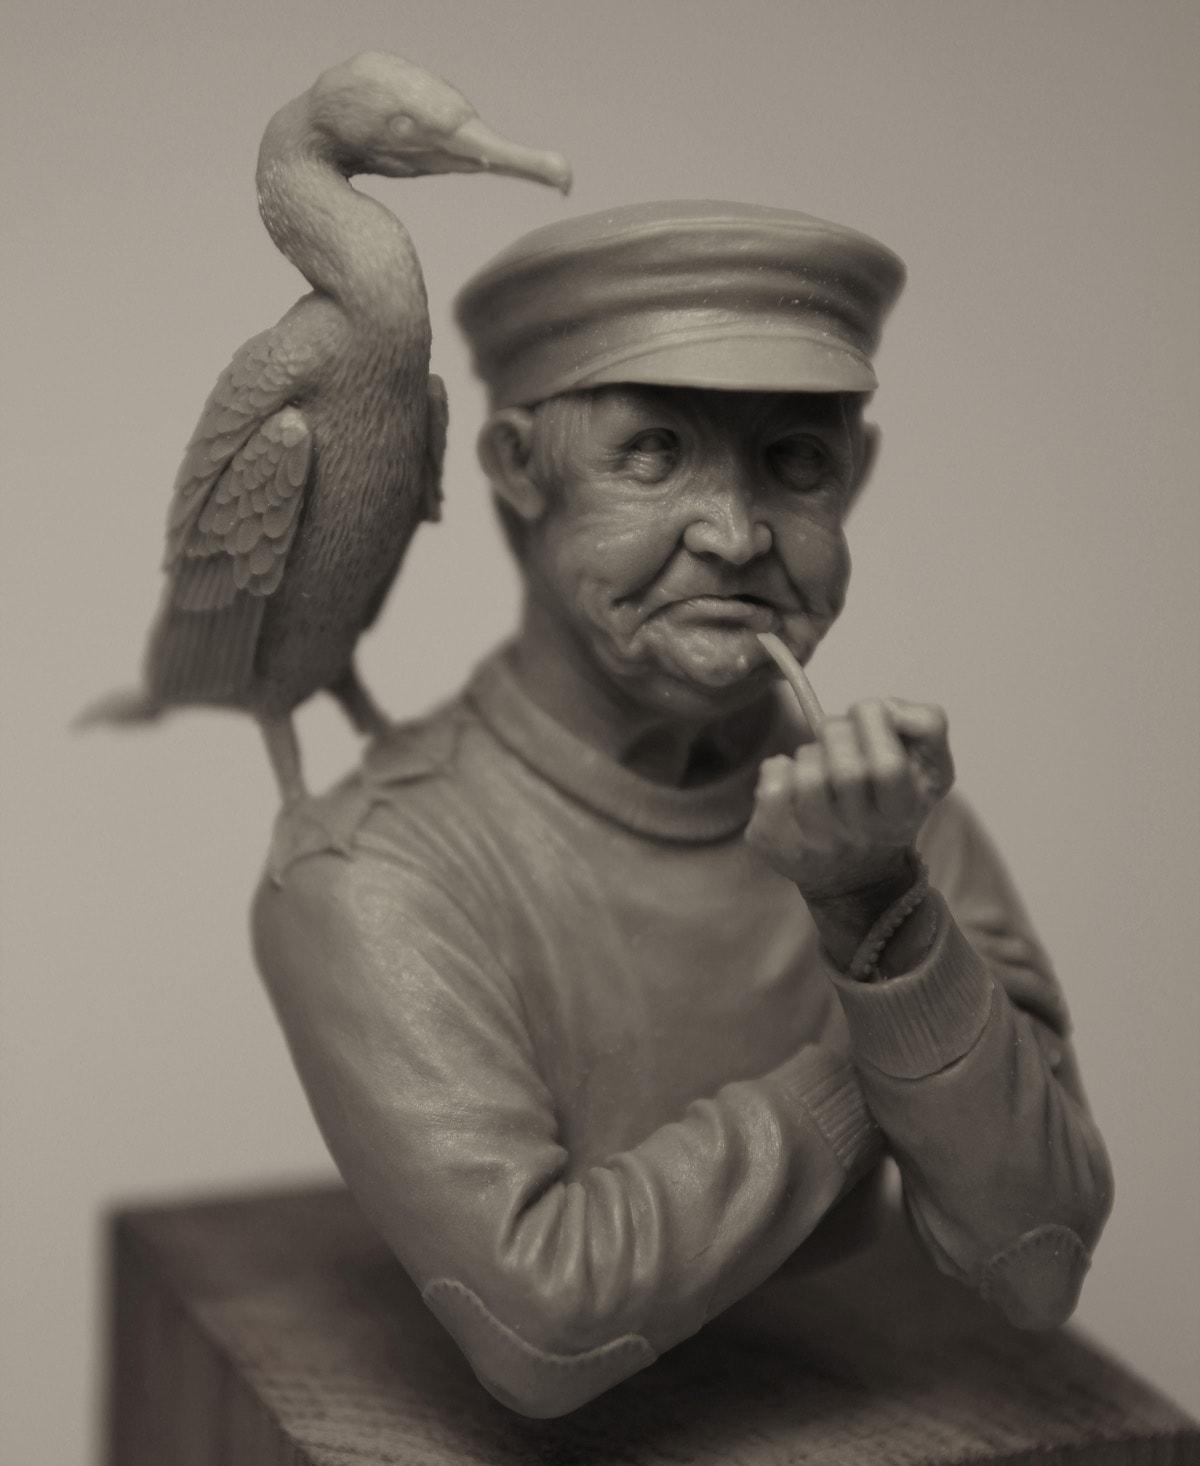 innsmouth-fisherman2